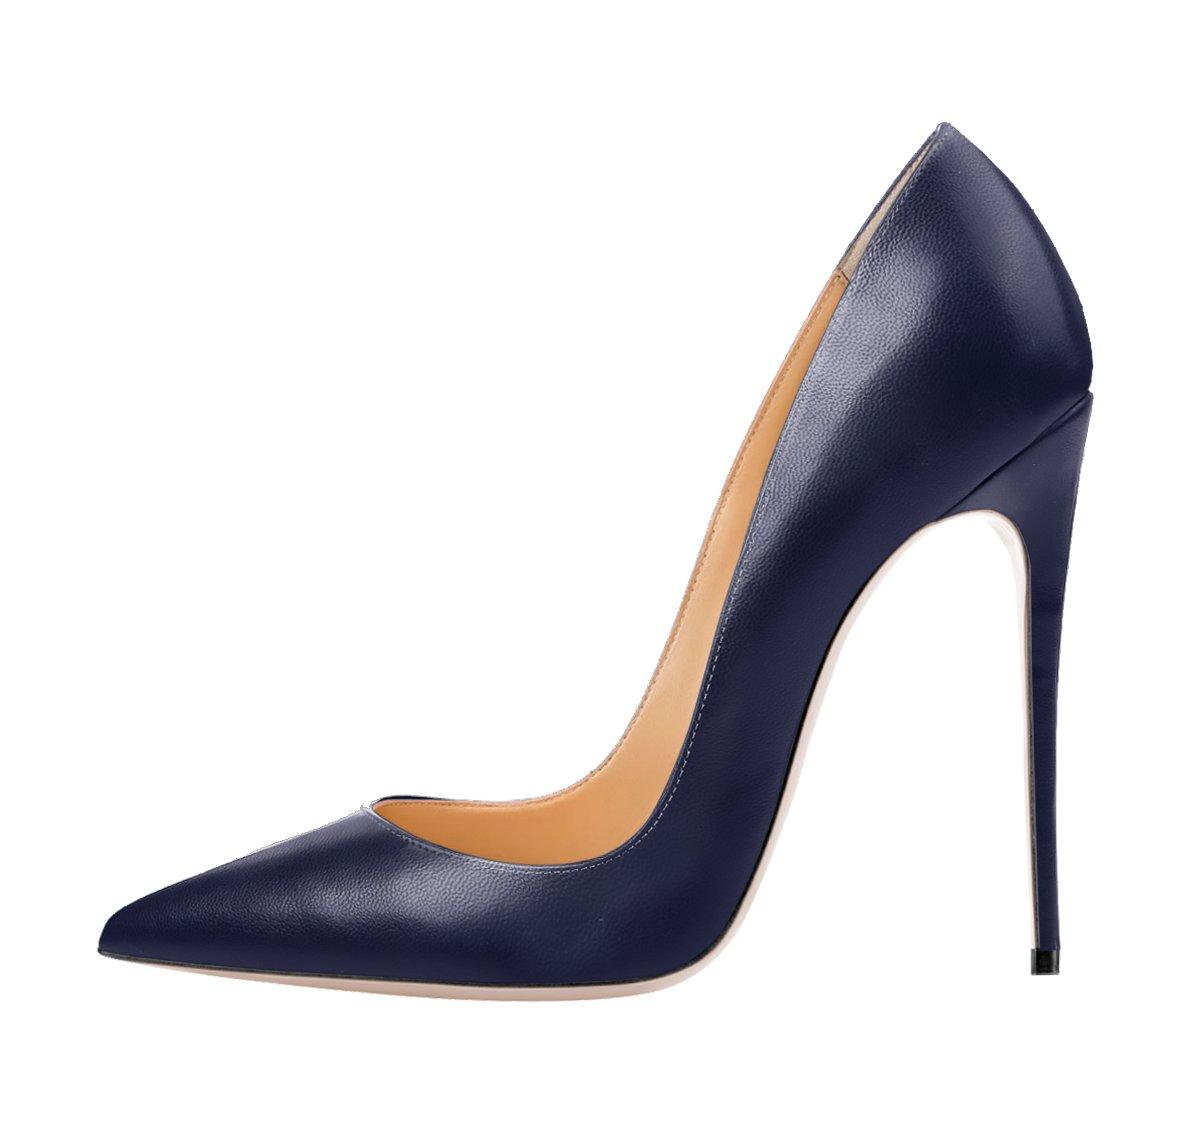 Queen Van - Zapatos de vestir de Piel Vuelta para mujer 42 EU/27 cm|Deep Blue